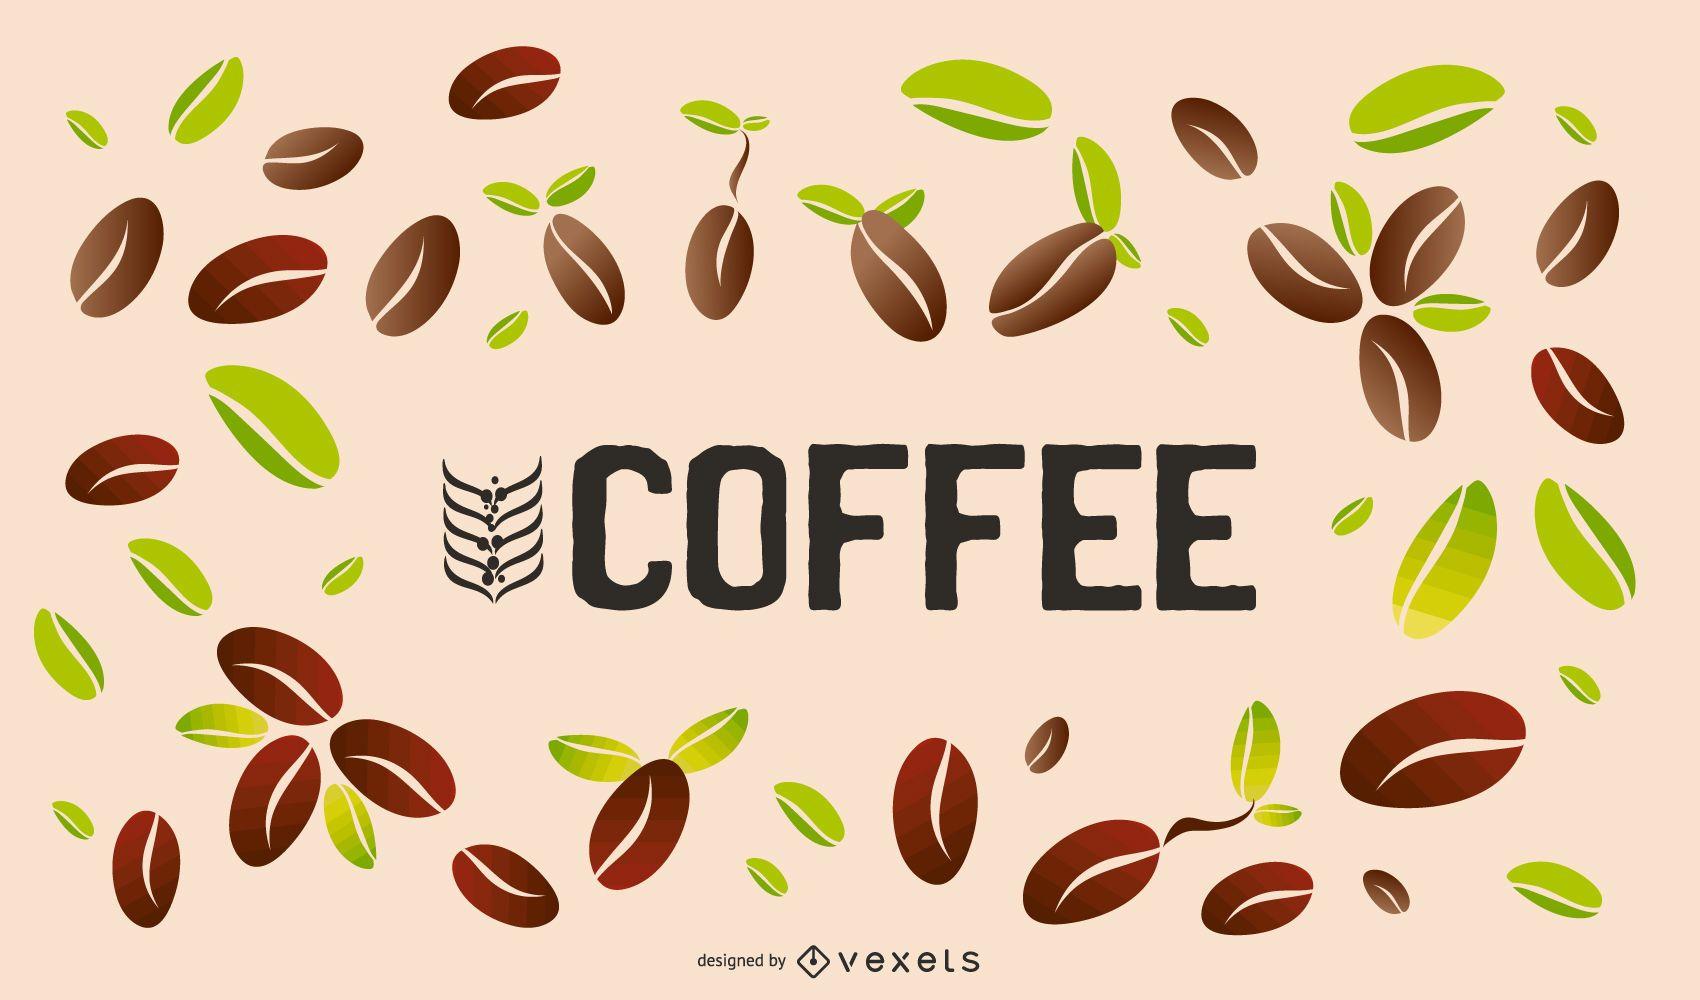 Kaffeebohnen-Hintergrunddesign